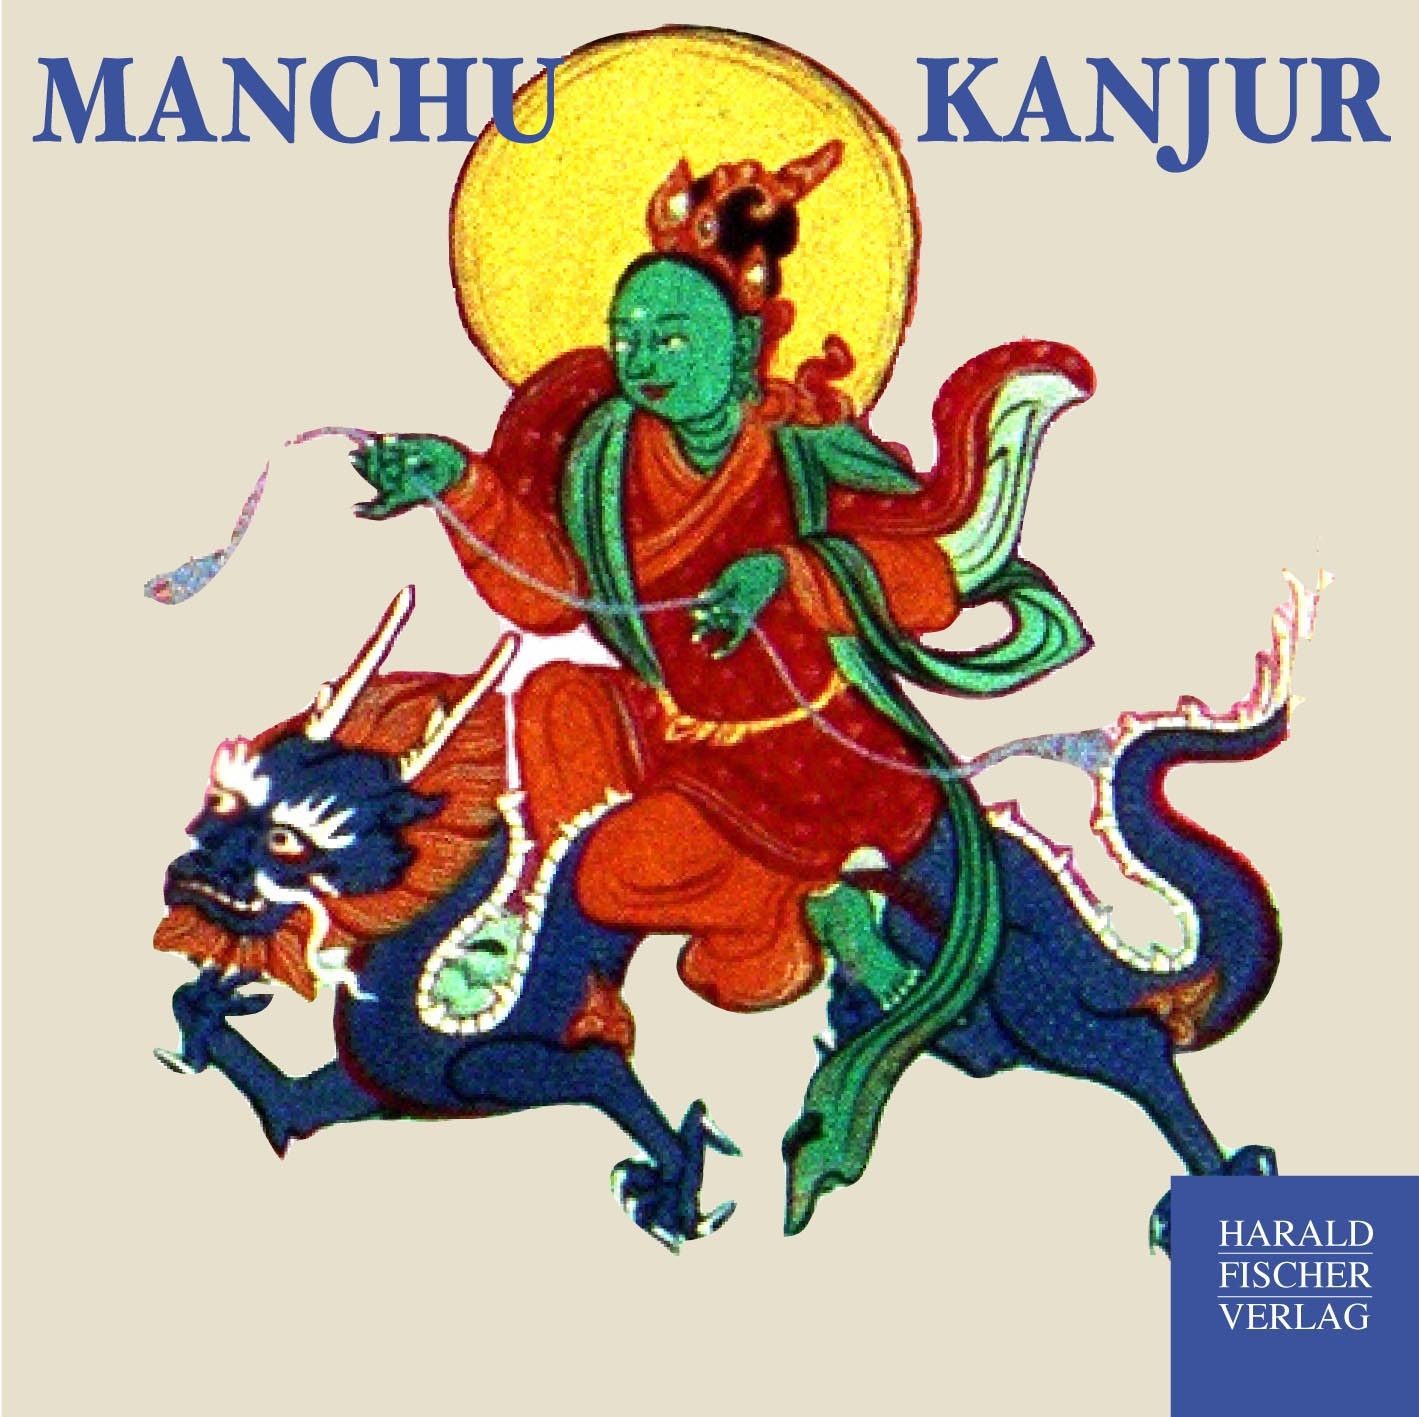 Manchu Kanjur